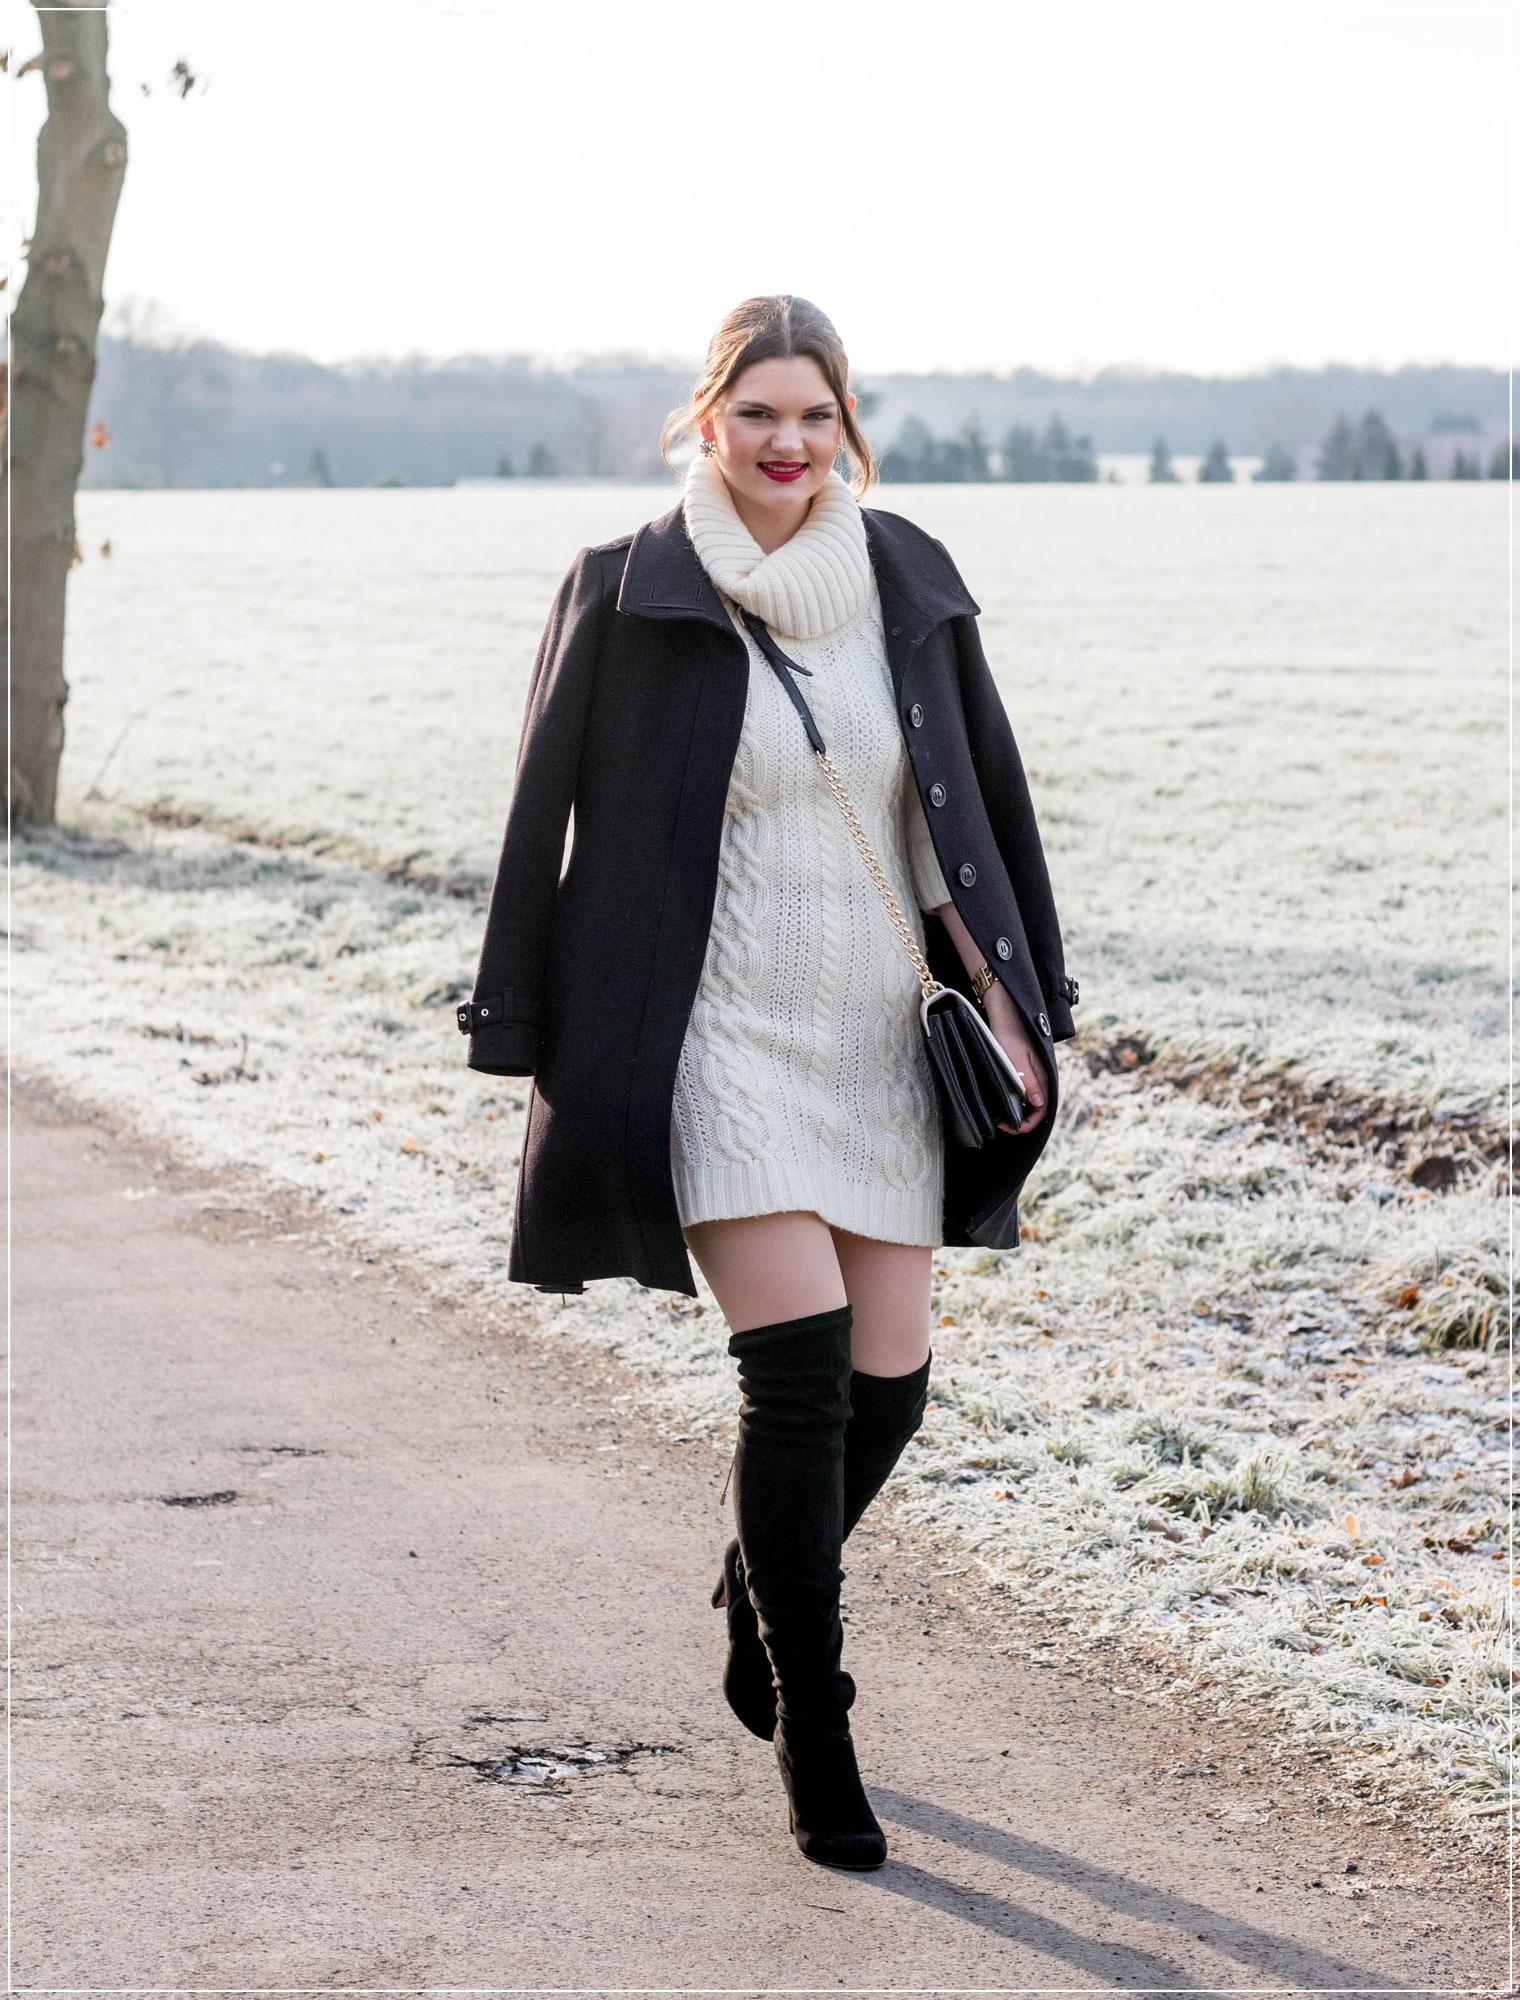 Wollkleid, Strickkleid, Winteroutfit, Materialpflege, Pflegetipps, Styleguide, Winterkleid, Outfitinspiration, Winterstyle, Alltagslook, Modebloggerin, Fashionbloggerin, Modeblog, Ruhrgebiet